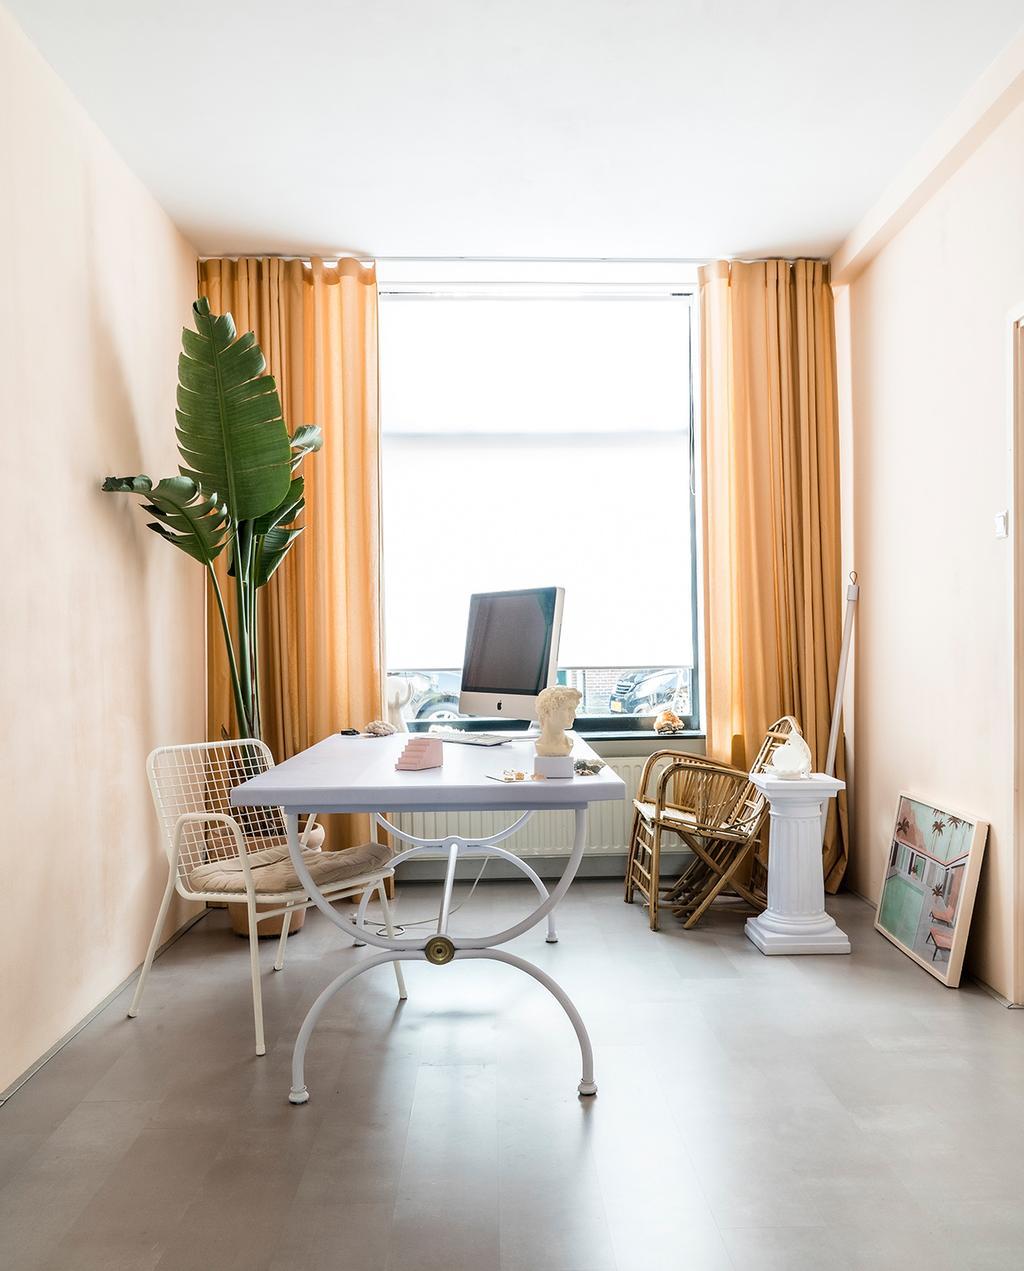 vtwonen special tiny houses 03-2021 | bureau met computer in wevershuis en oranje gordijnen